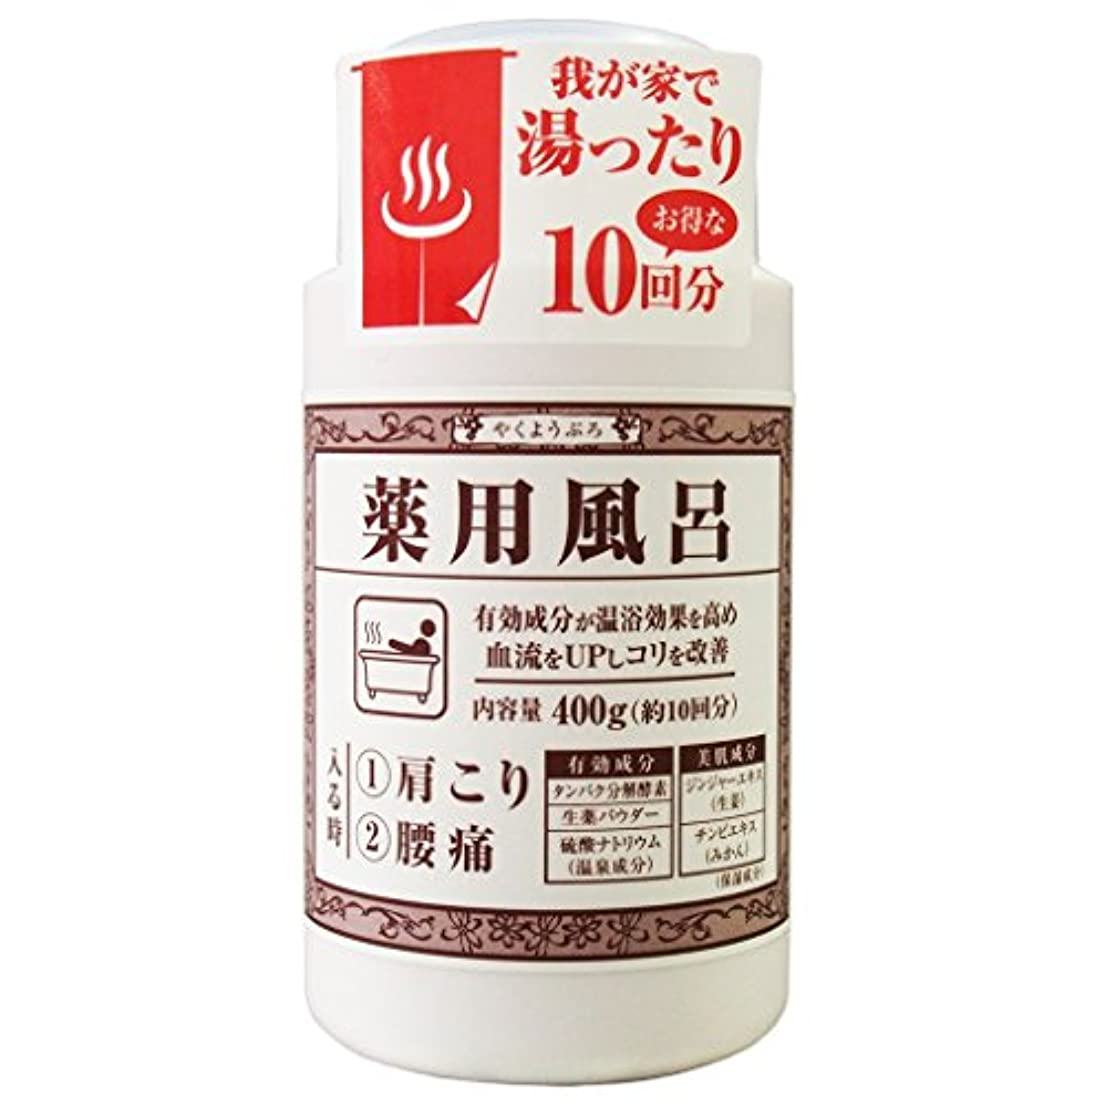 テスト凍結説教薬用風呂KKa 肩こり?腰痛 ボトル 400g(医薬部外品)